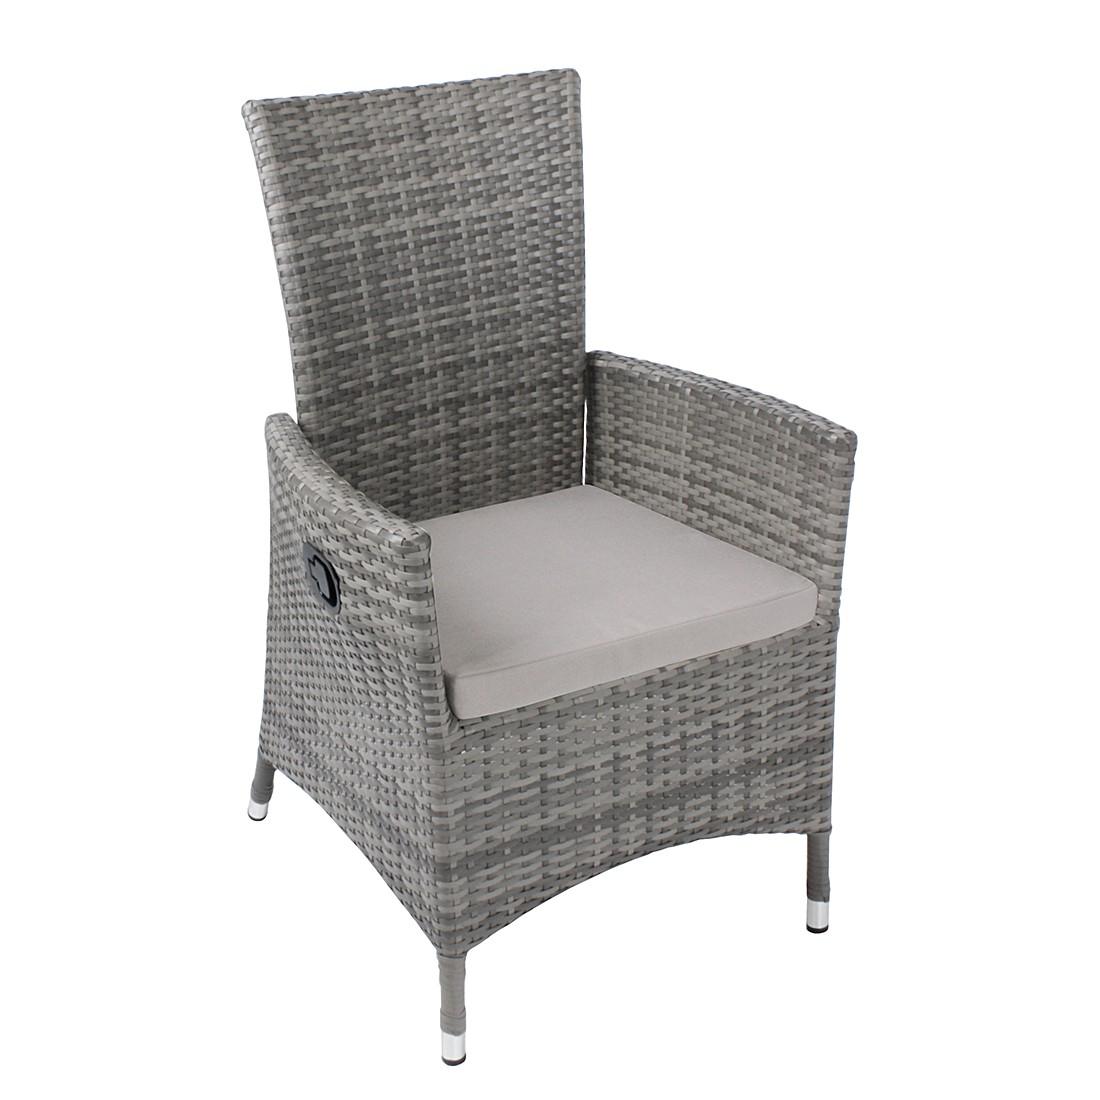 Gartensessel polyrattan grau  Polyrattan Sessel Verstellbare Ruckenlehne ~ Möbel Inspiration und ...